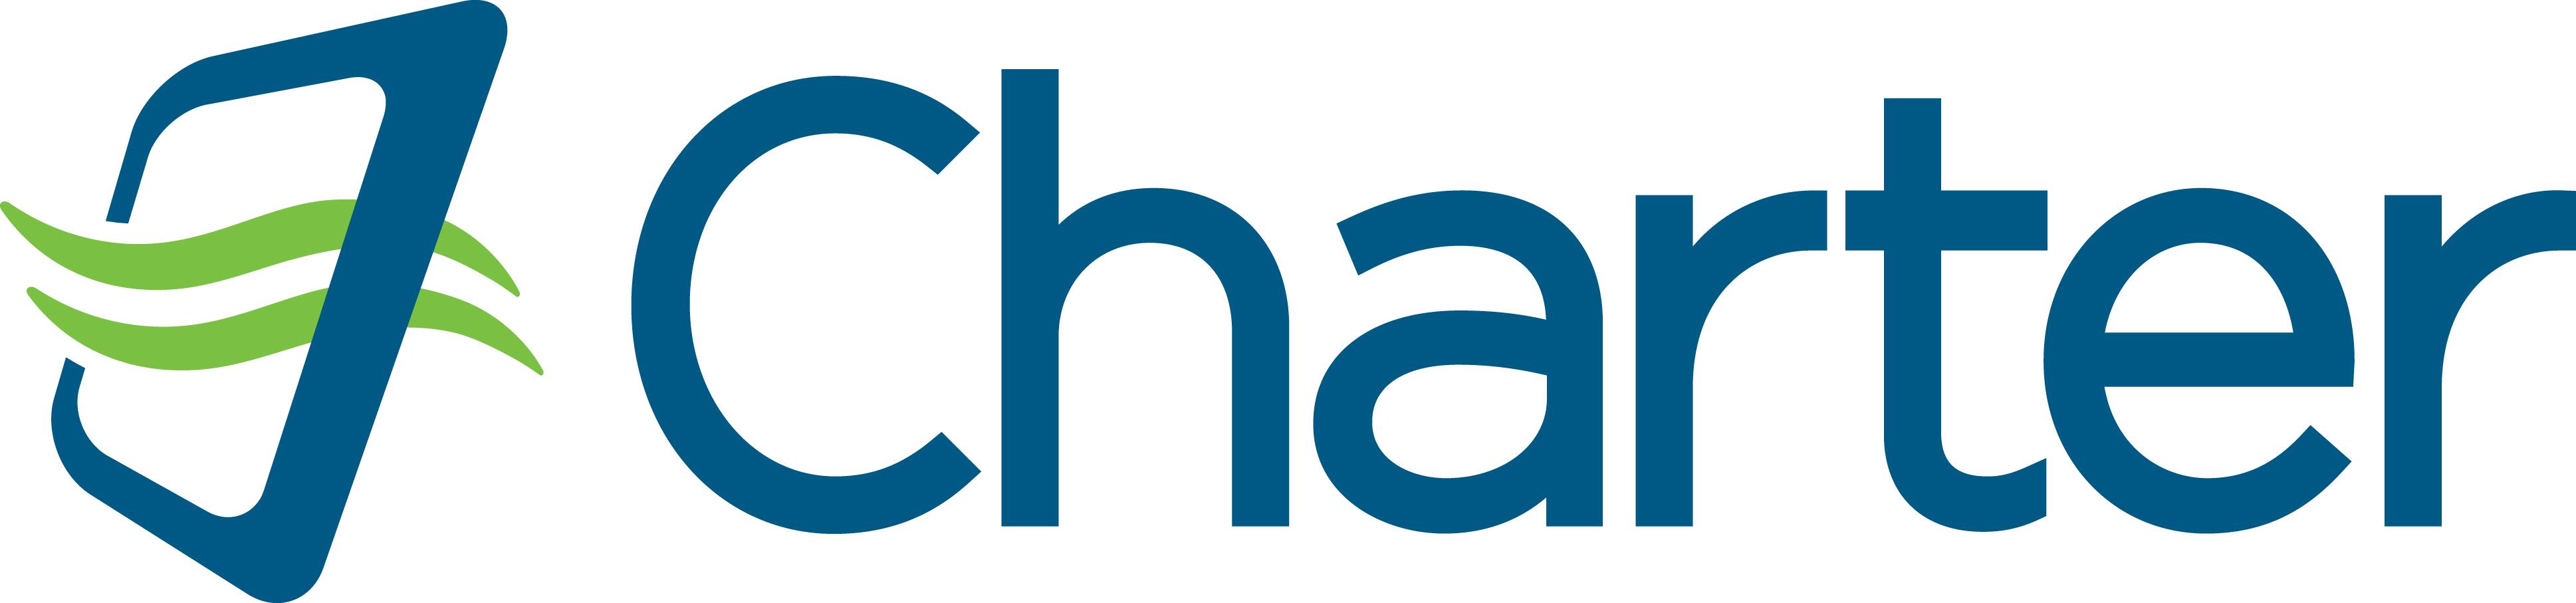 U.S. Cellular Logo.